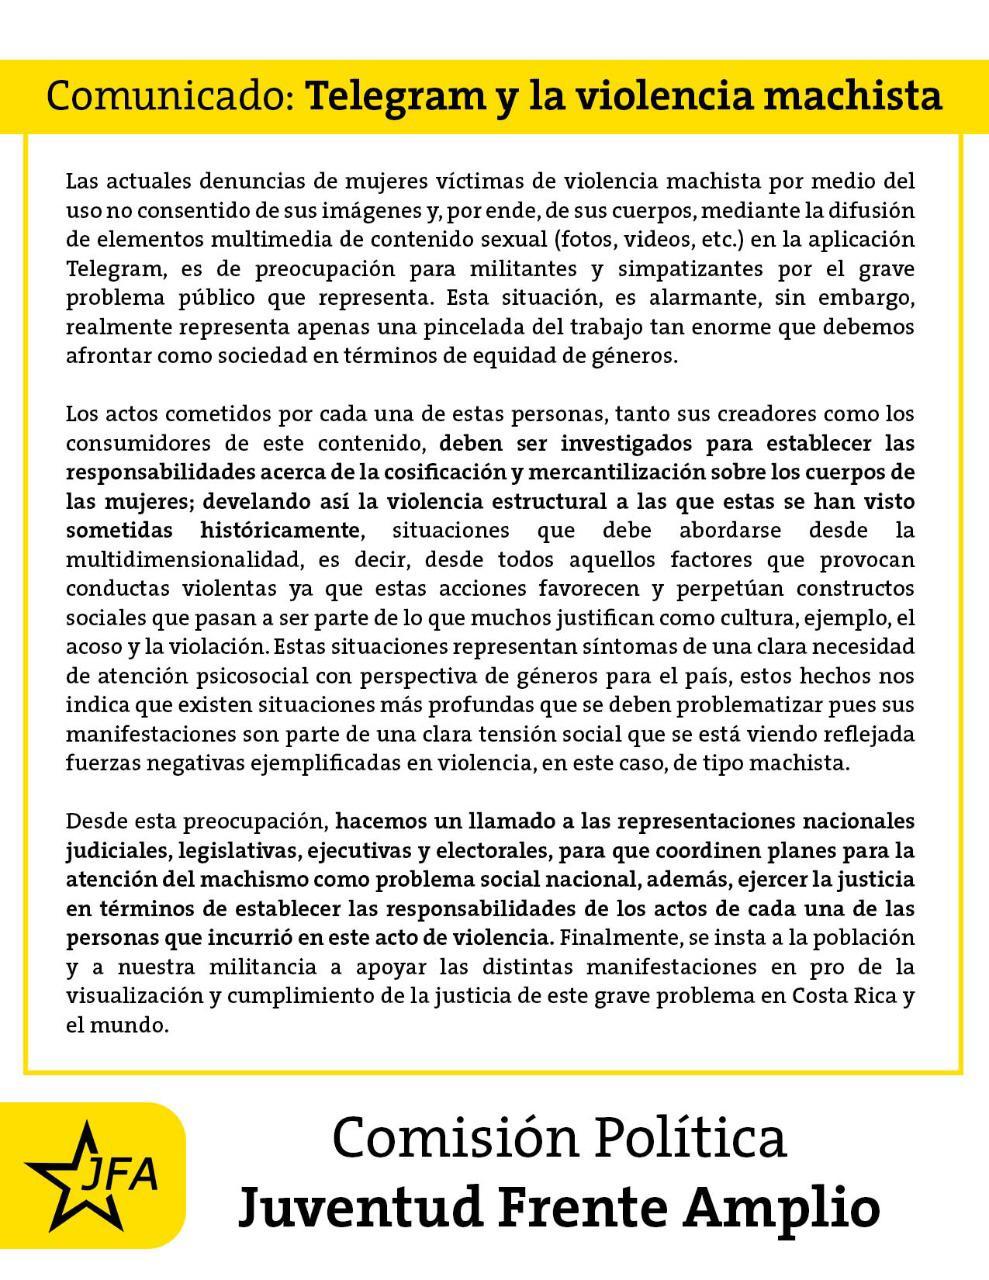 Comunicado de la JFA: Telegram y la violencia machista.